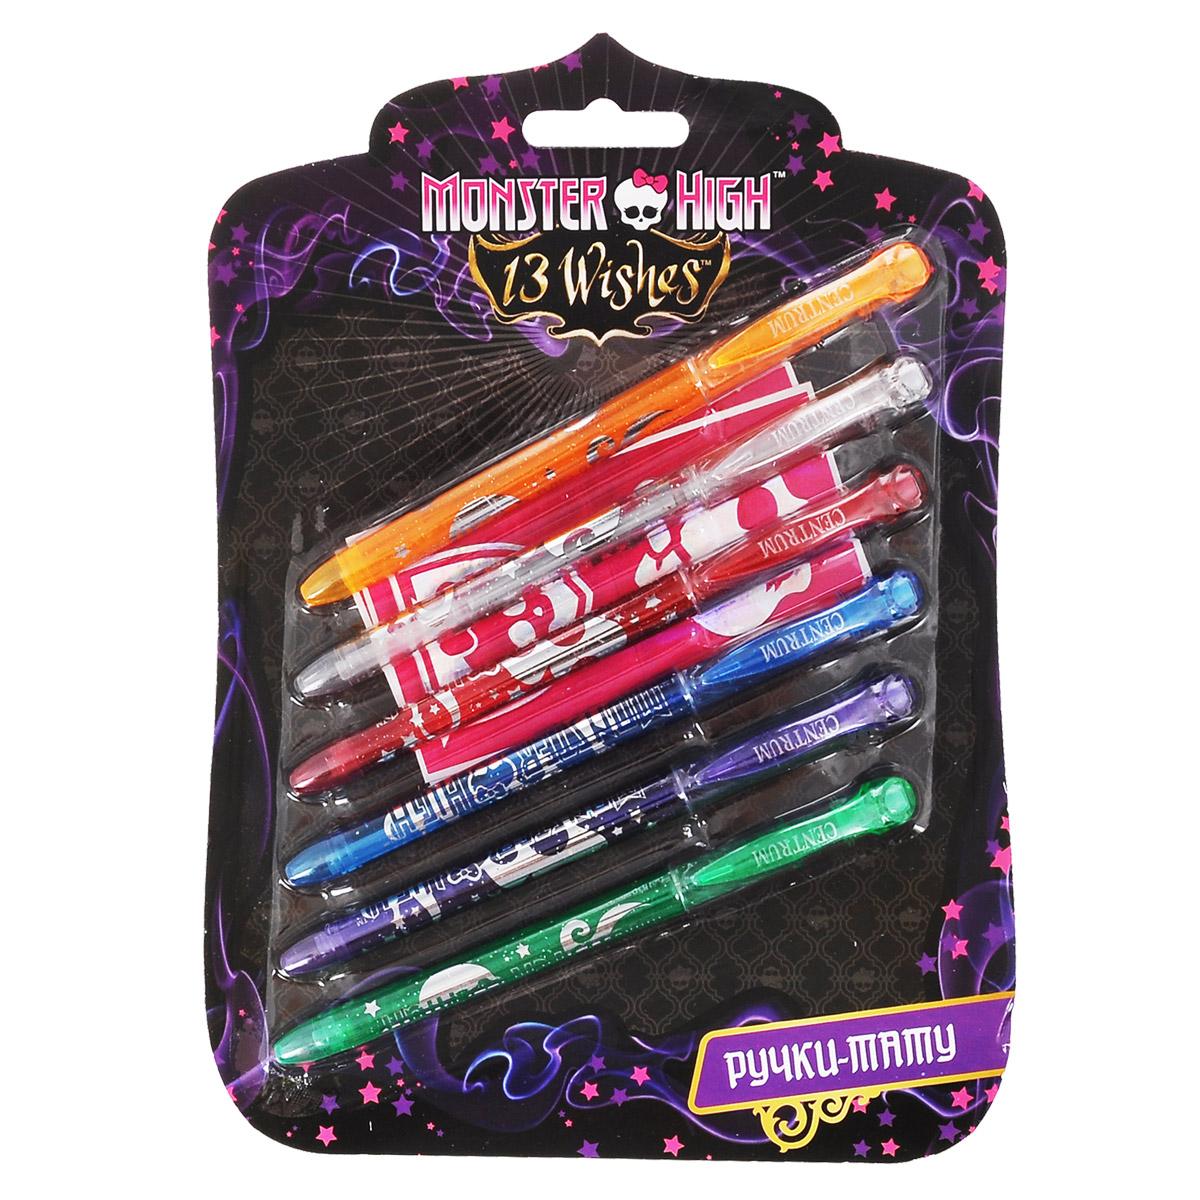 Набор гелевых ручек Centrum Monster High, для нанесения татуировок, 6 шт84988_цвет 2Набор гелевых ручек Centrum Monster High включает 6 ручек ярких цветов - оранжевого, красного, голубого, фиолетового, белого и зеленого.Корпусы ручек украшены блестками и логотипом мультфильма Школа монстров. Ручки имеют современный дизайн и обеспечивают мягкое и четкое письмо практически на любой бумаге, и даже на коже - ваш малыш сможет придумать и нарисовать забавные смывающиеся татуировки для себя и своих друзей. Полупрозрачный корпус ручки позволяет контролировать расход чернил.Ручки закрываются колпачком, оснащенным клип-зажимом.Цвет корпуса соответствует цвету чернил.